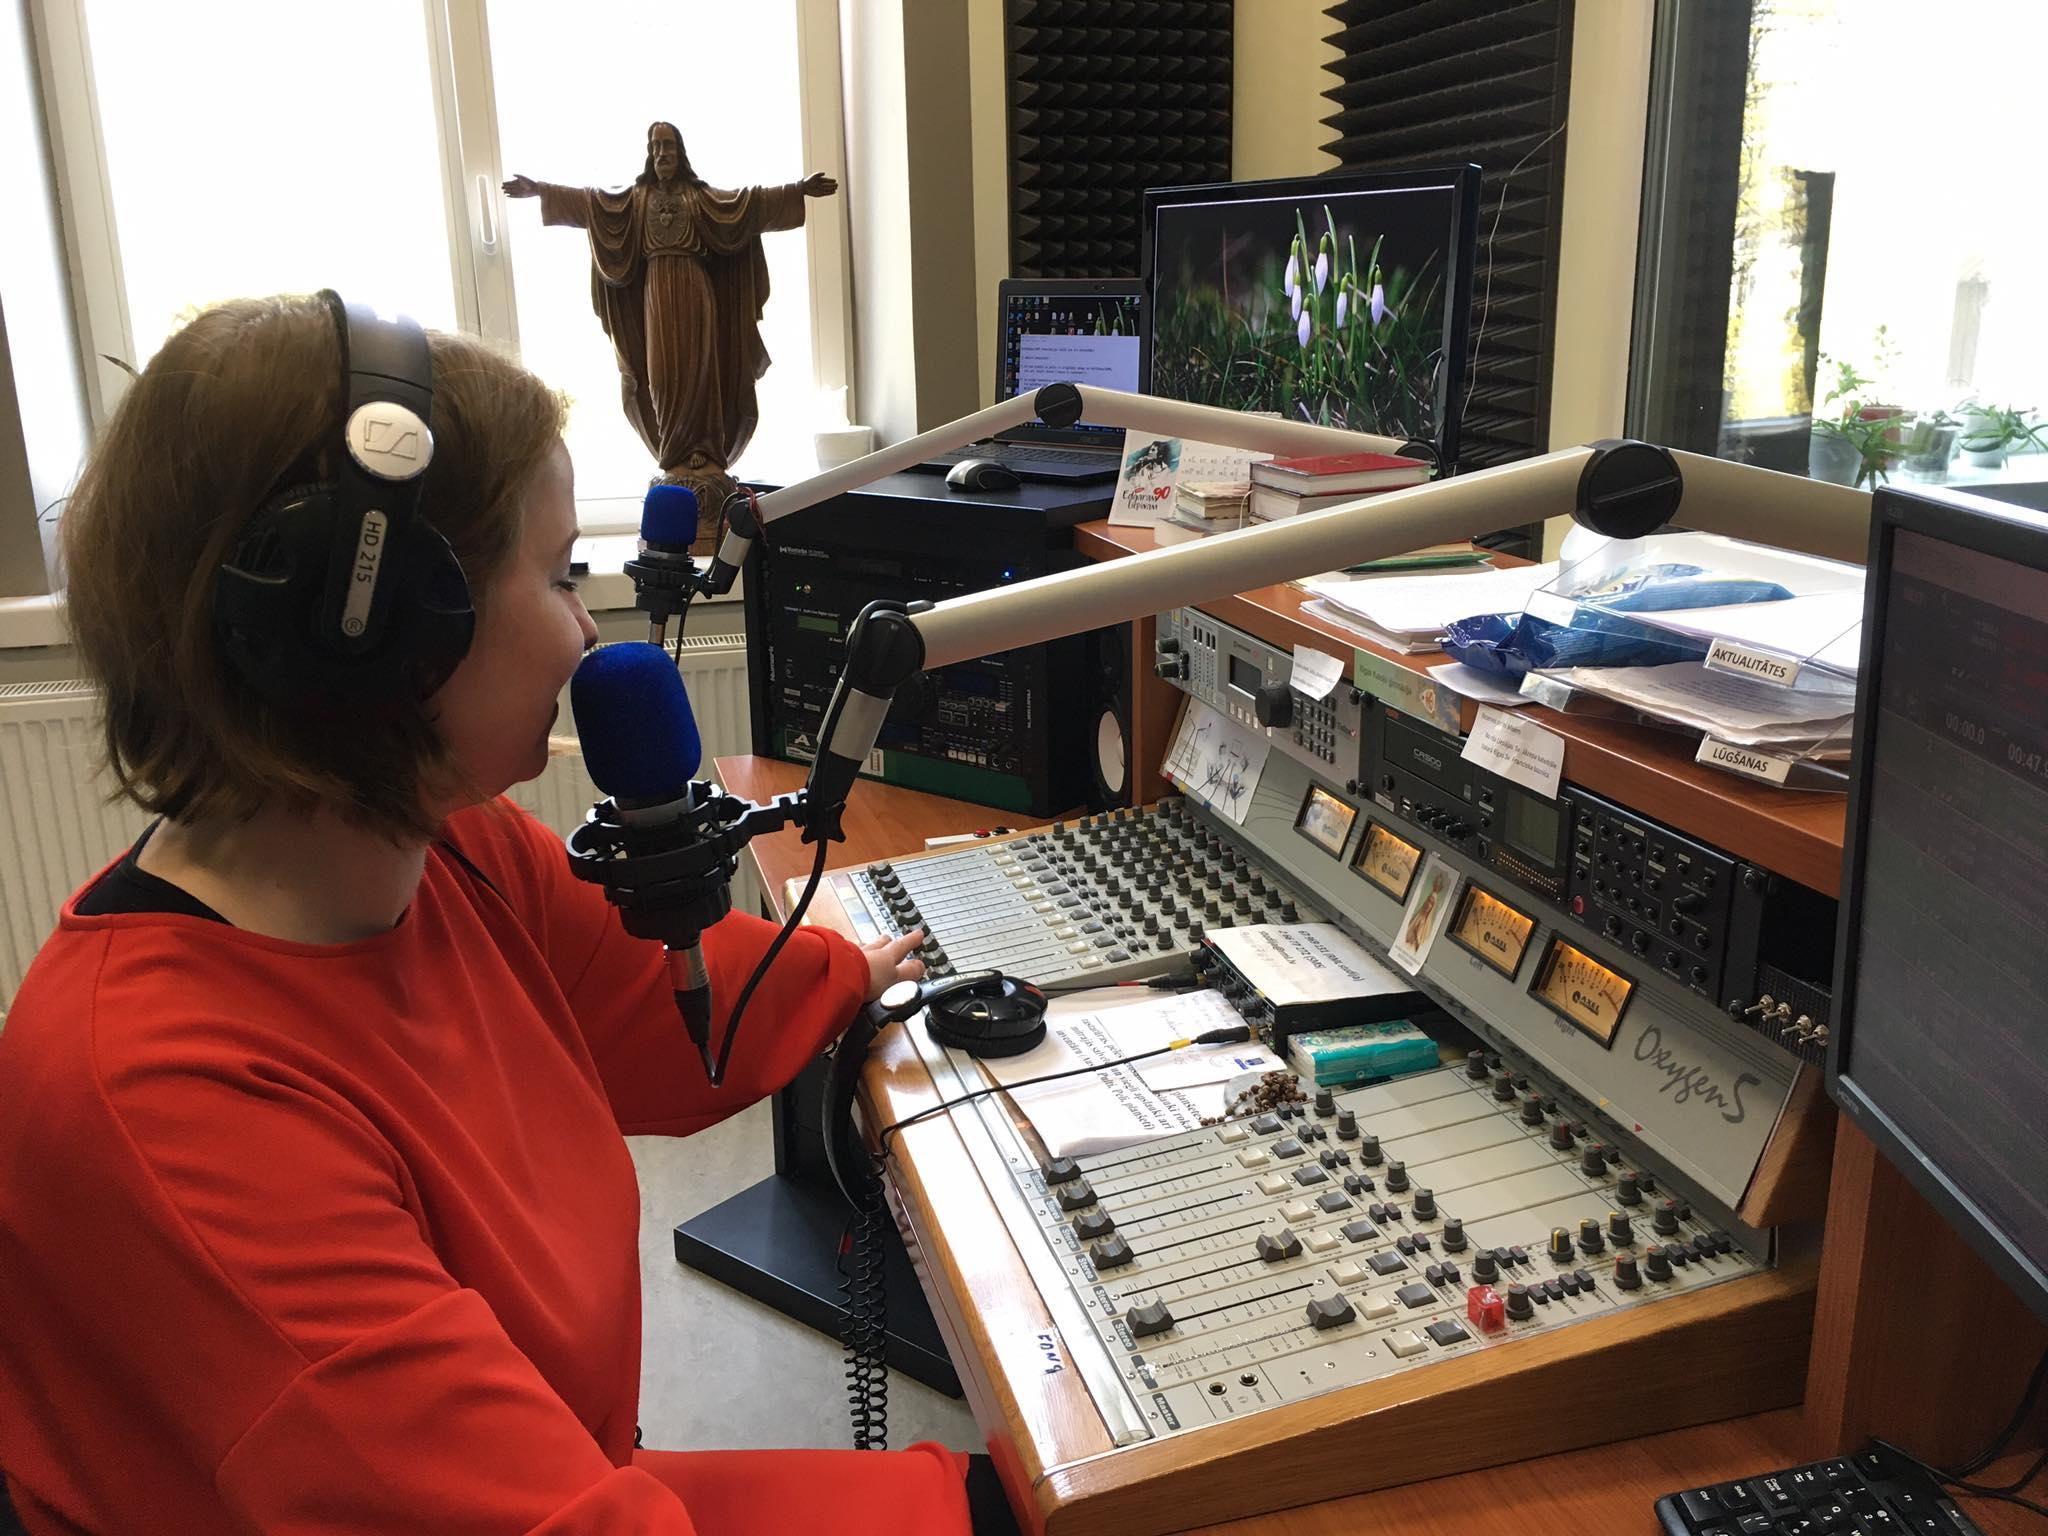 Radio finansiālā situācija aprīlī